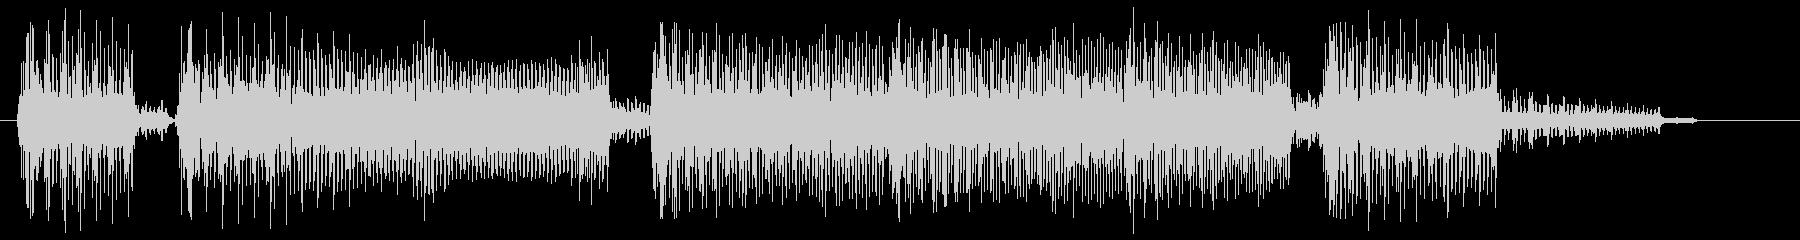 ゲーム音 場面転換の8bitなジングルの未再生の波形